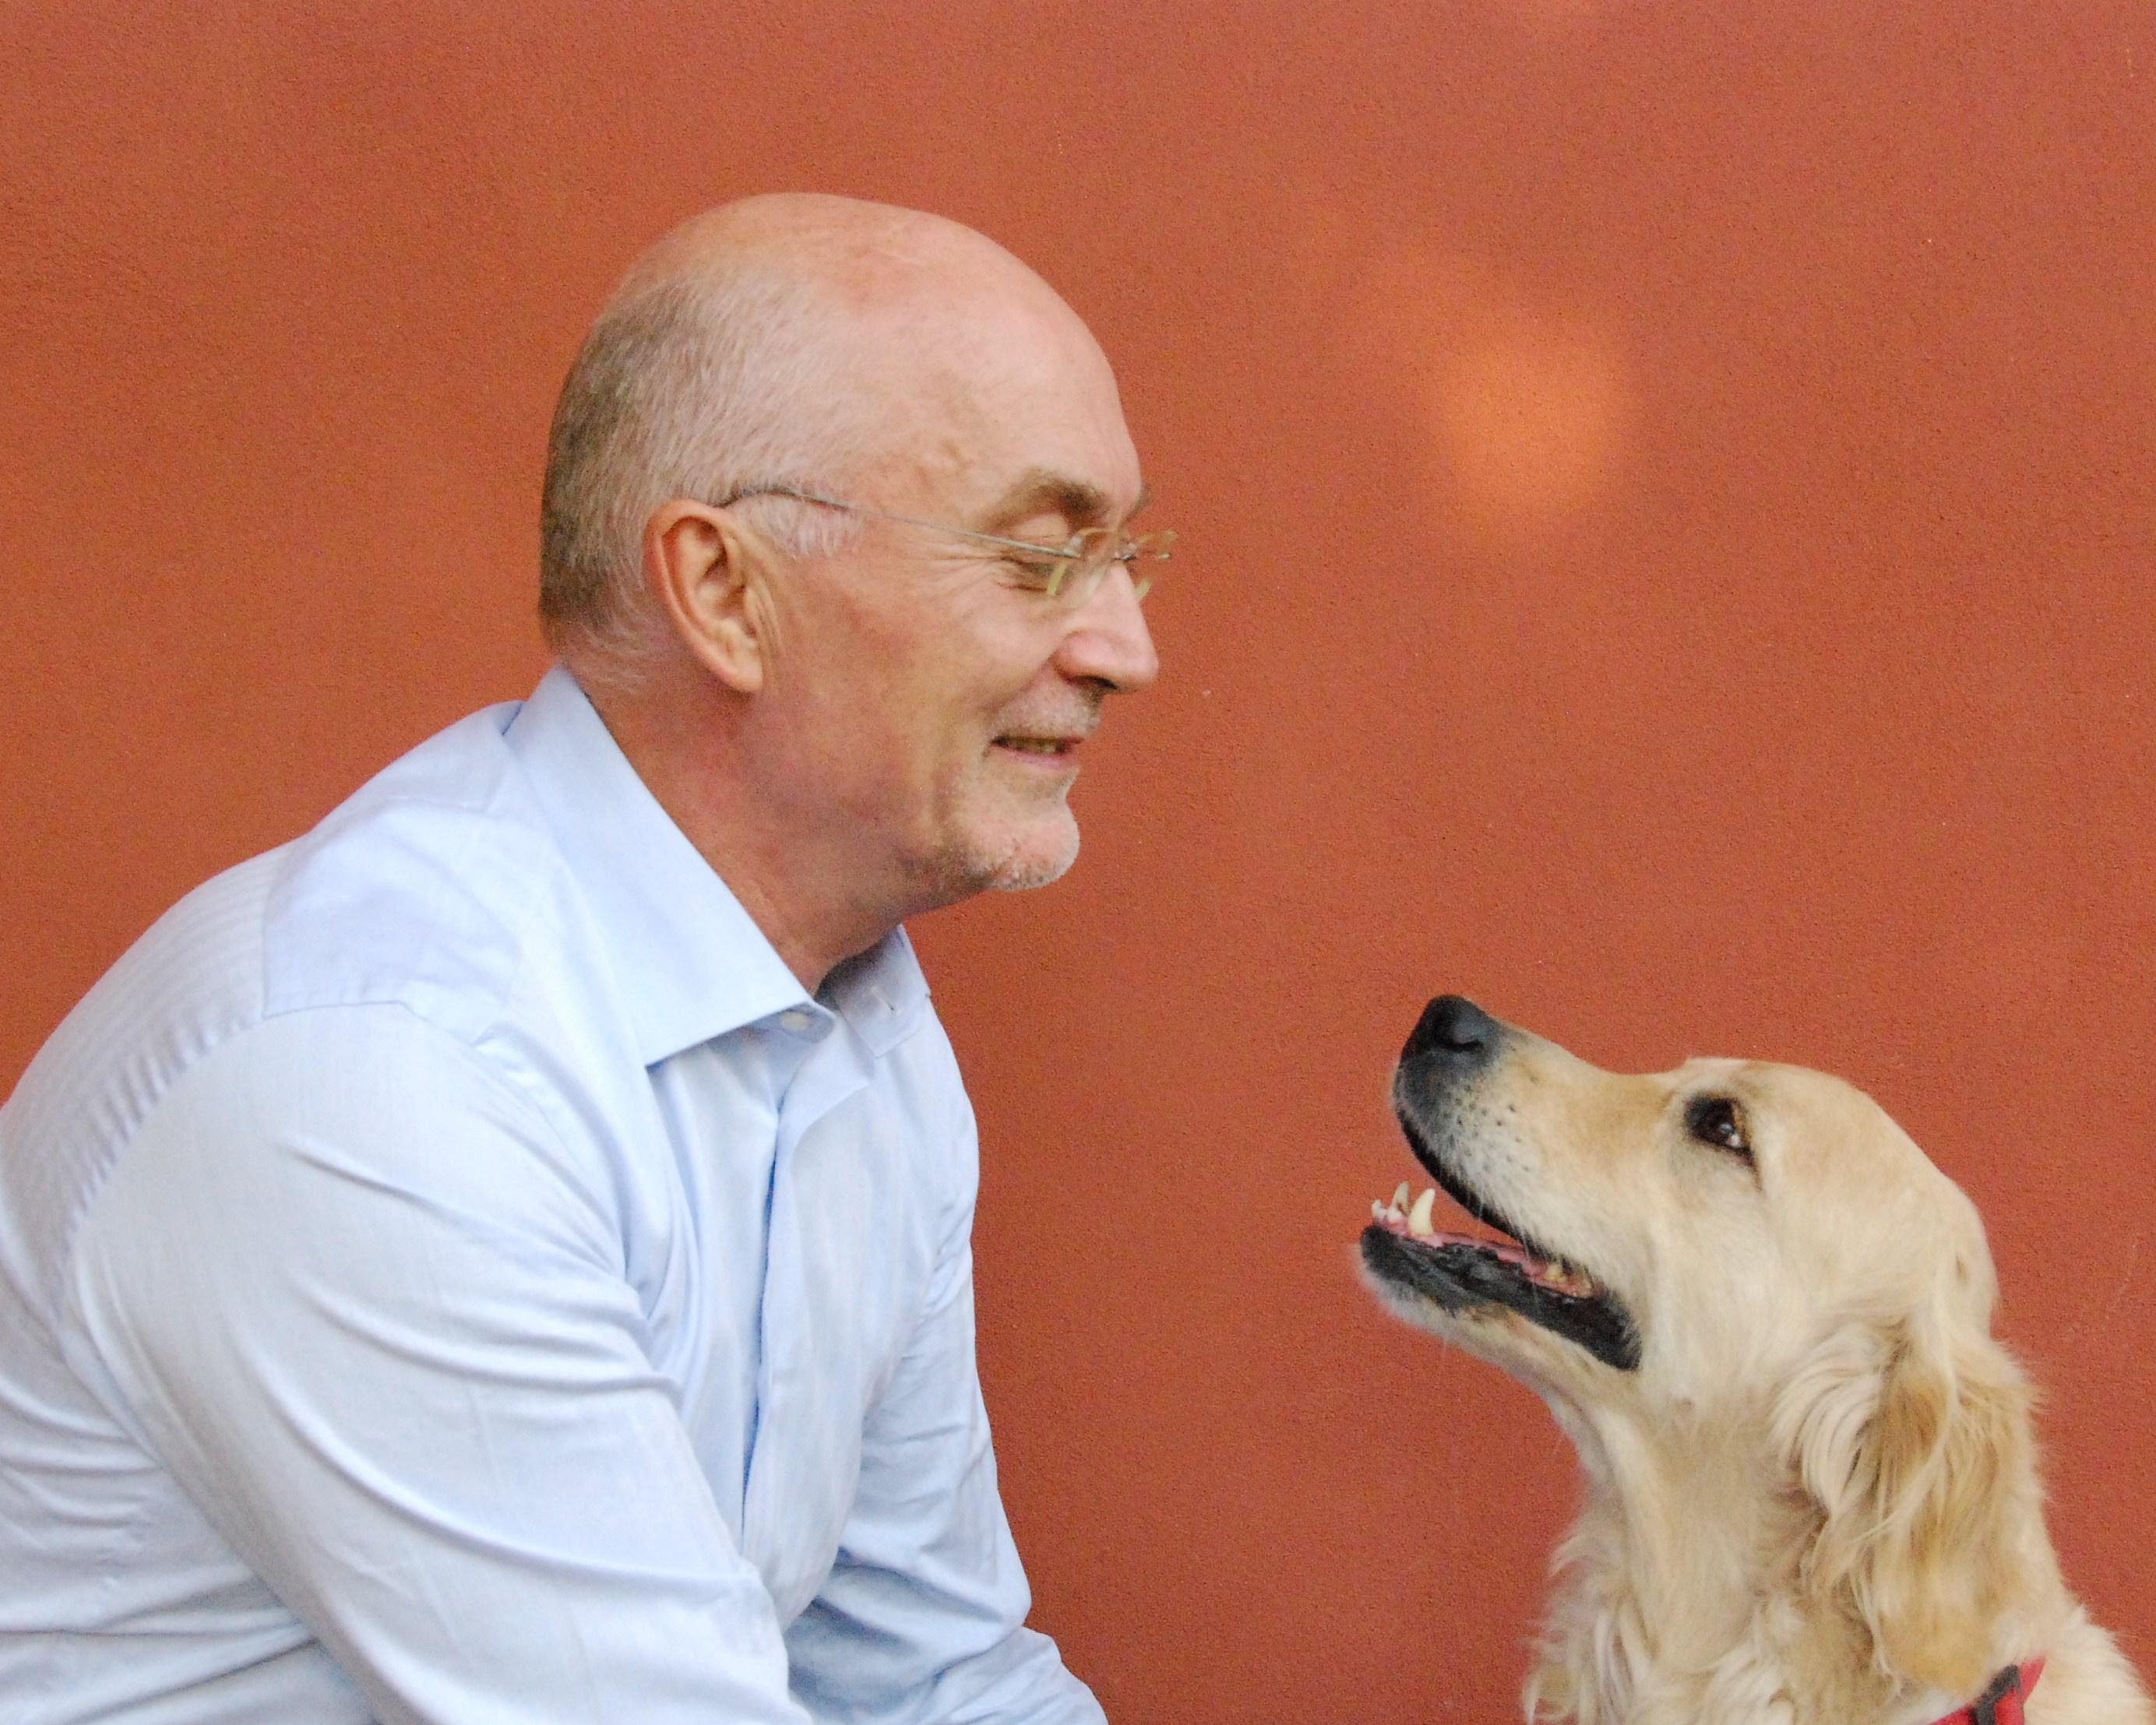 Intervista al Dott. Lino Cavedon: Pet Therapy e Linee Guida Nazionali